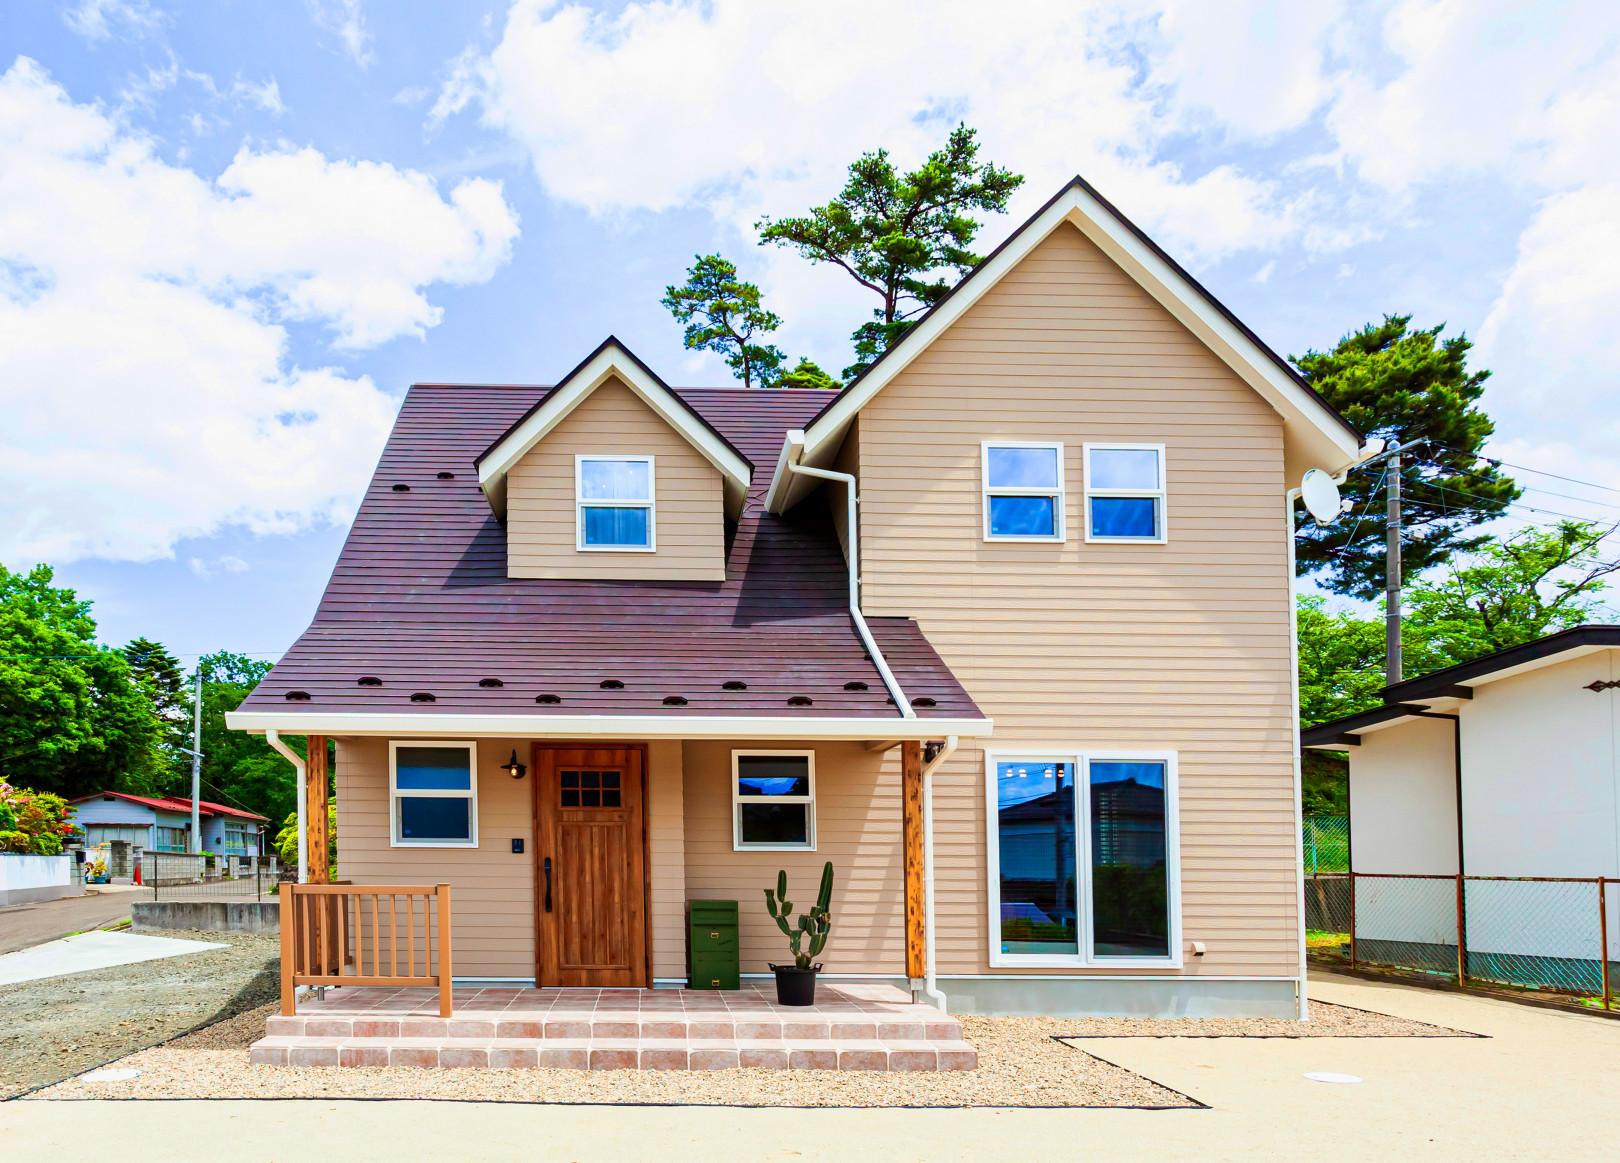 オールドアメリカンスタイルの家 アイキャッチ画像